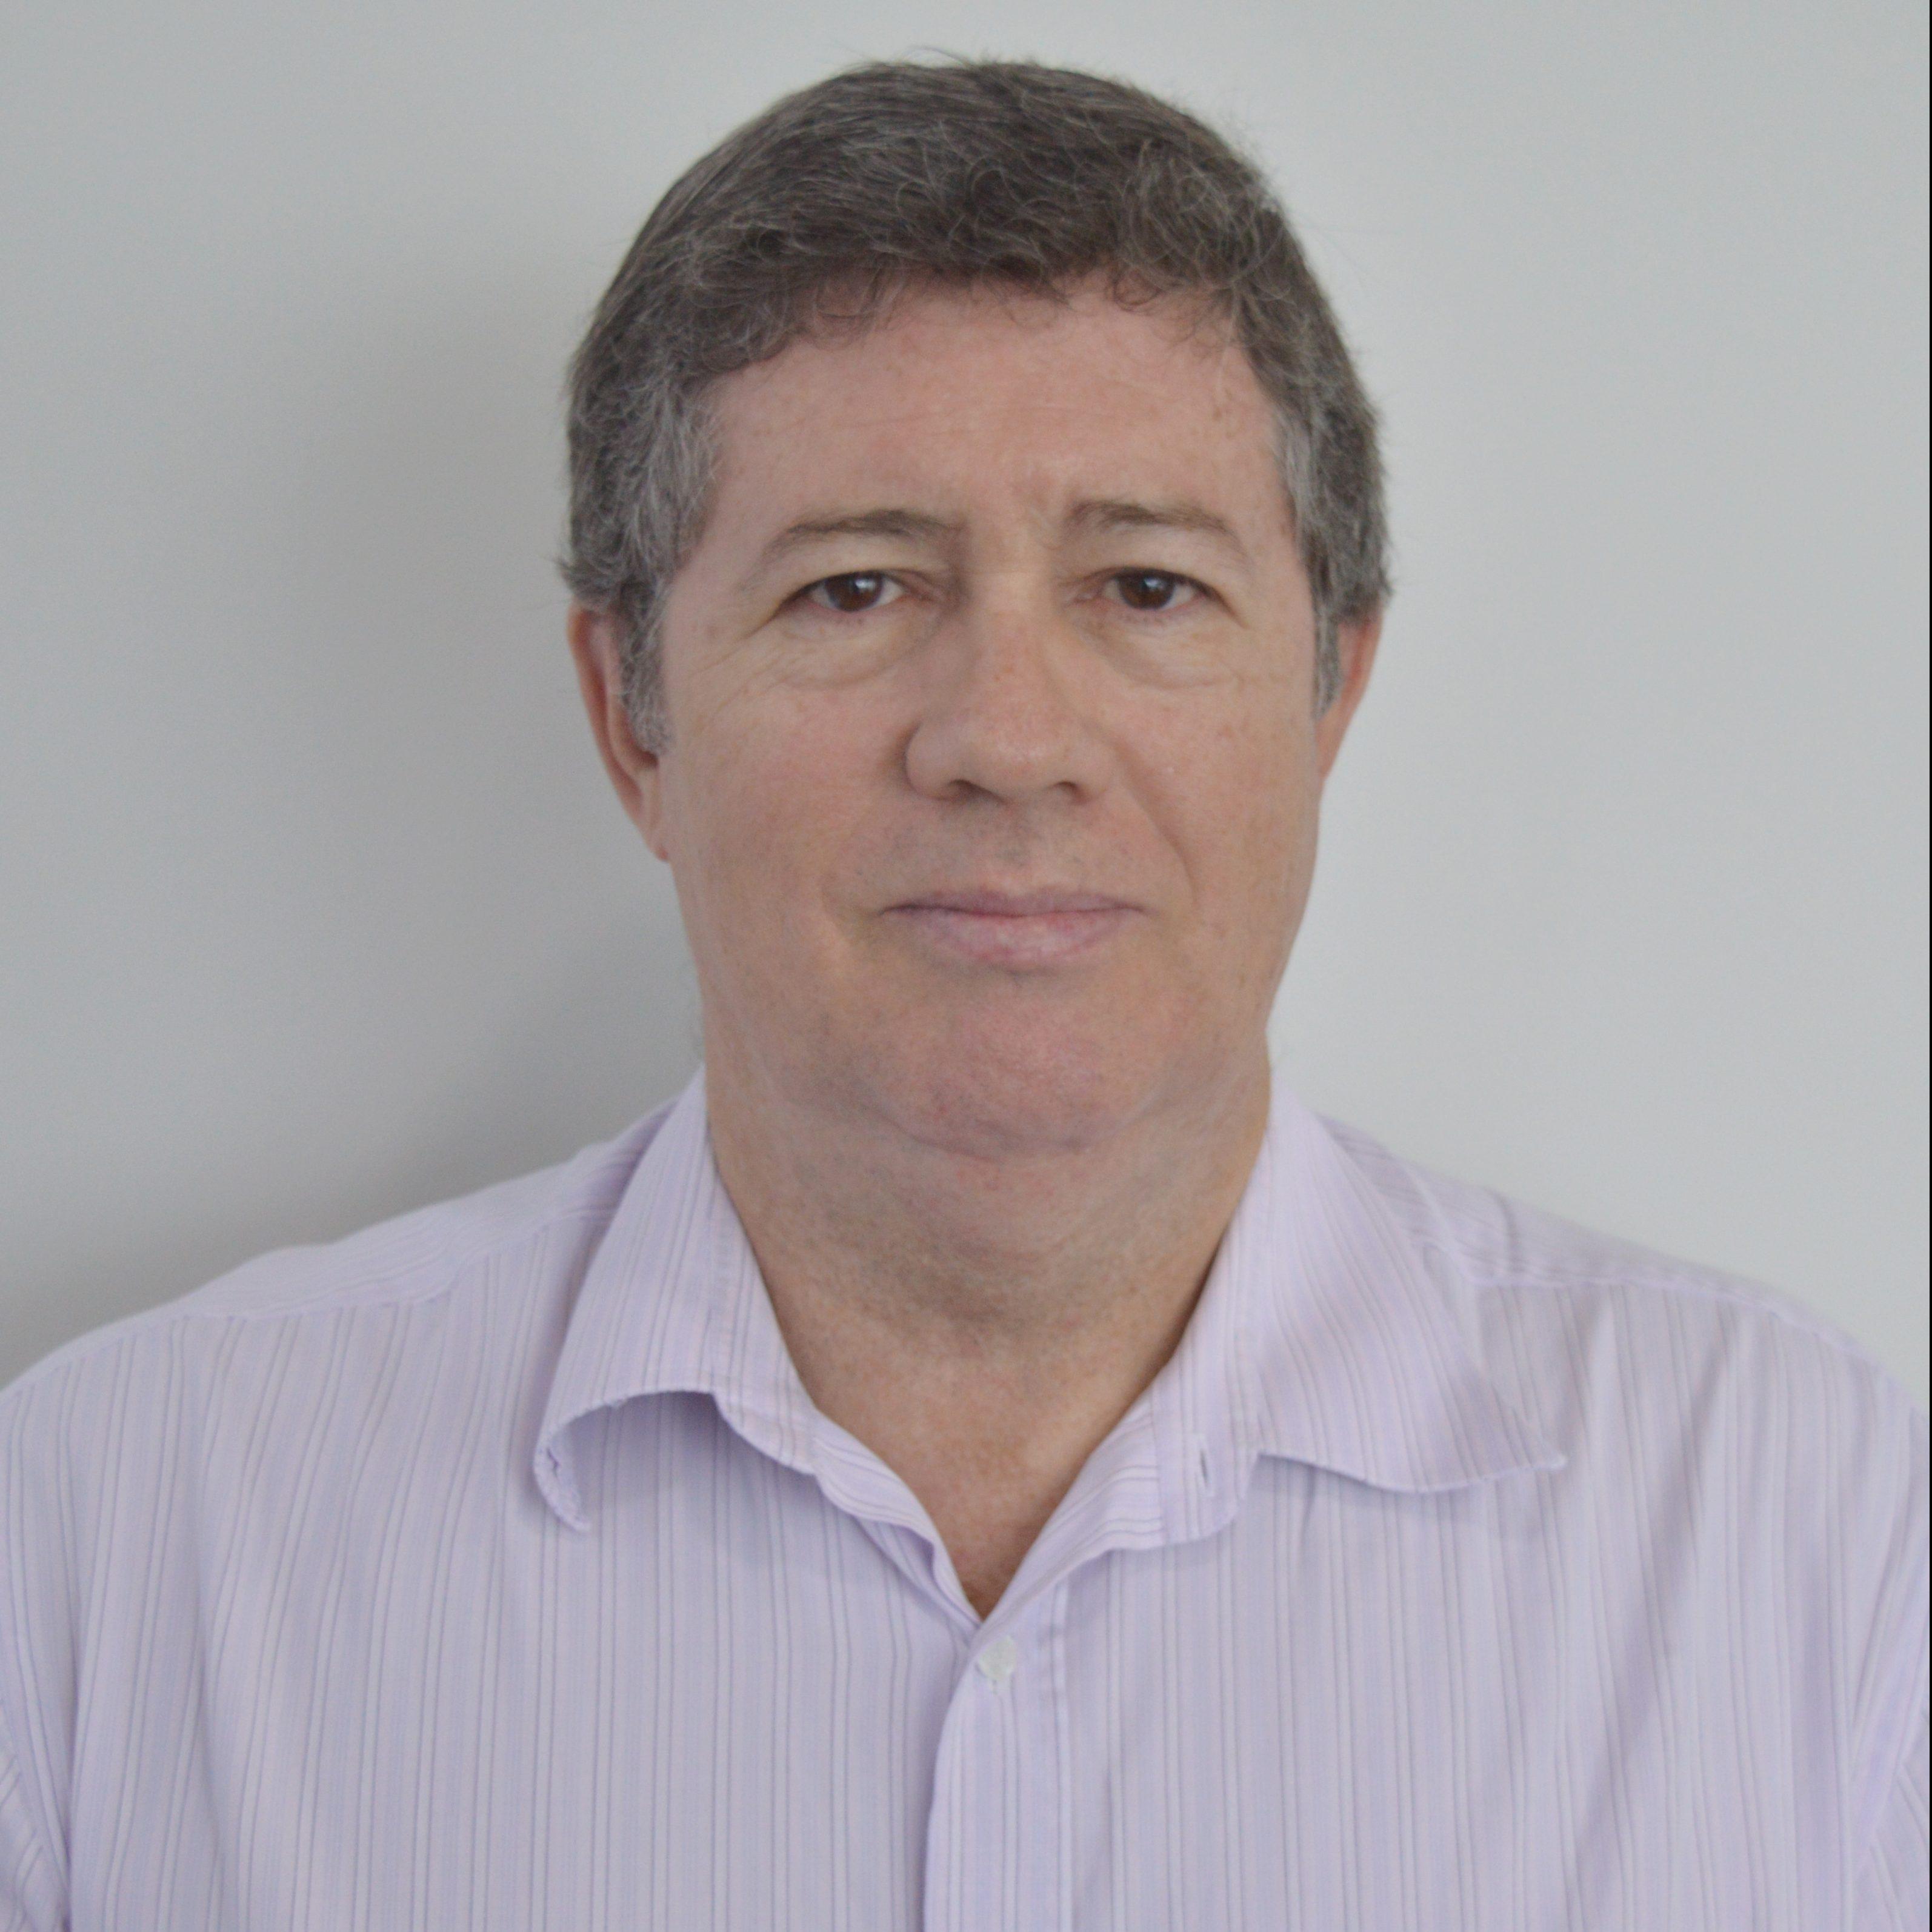 MÁRCIO ANTÔNIO FERREIRA BELO